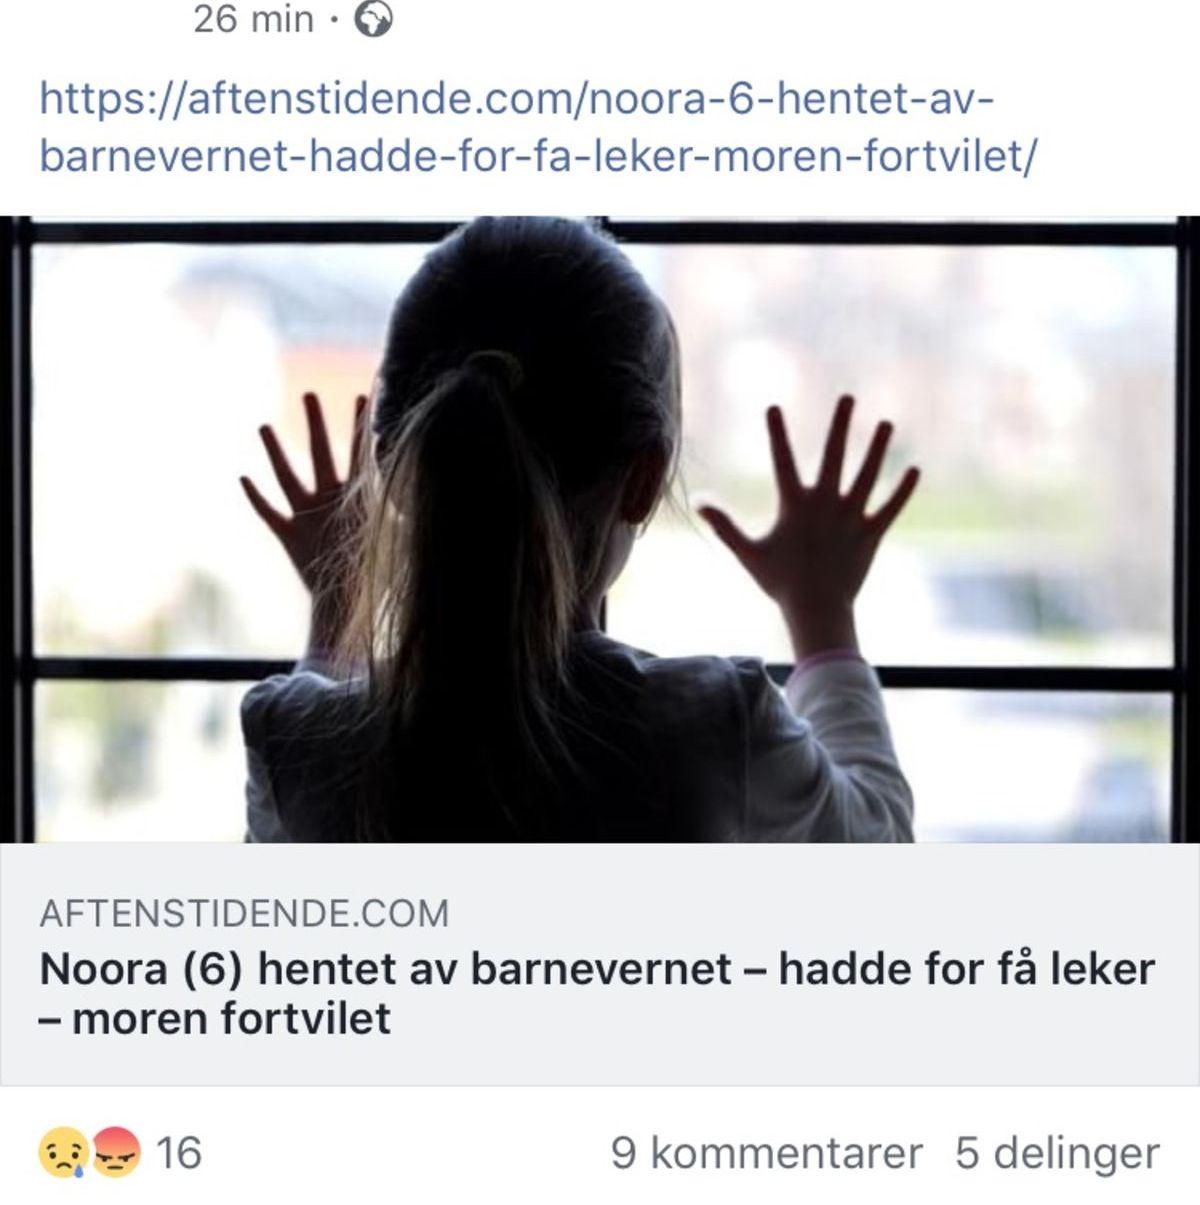 IKKE SANT:  Bildet av Noora er fra et kommersielt arkiv for illustrasjonsbilder, og barnevernlederen som er sitert i saken finnes ikke, skriver Faktisk.no.